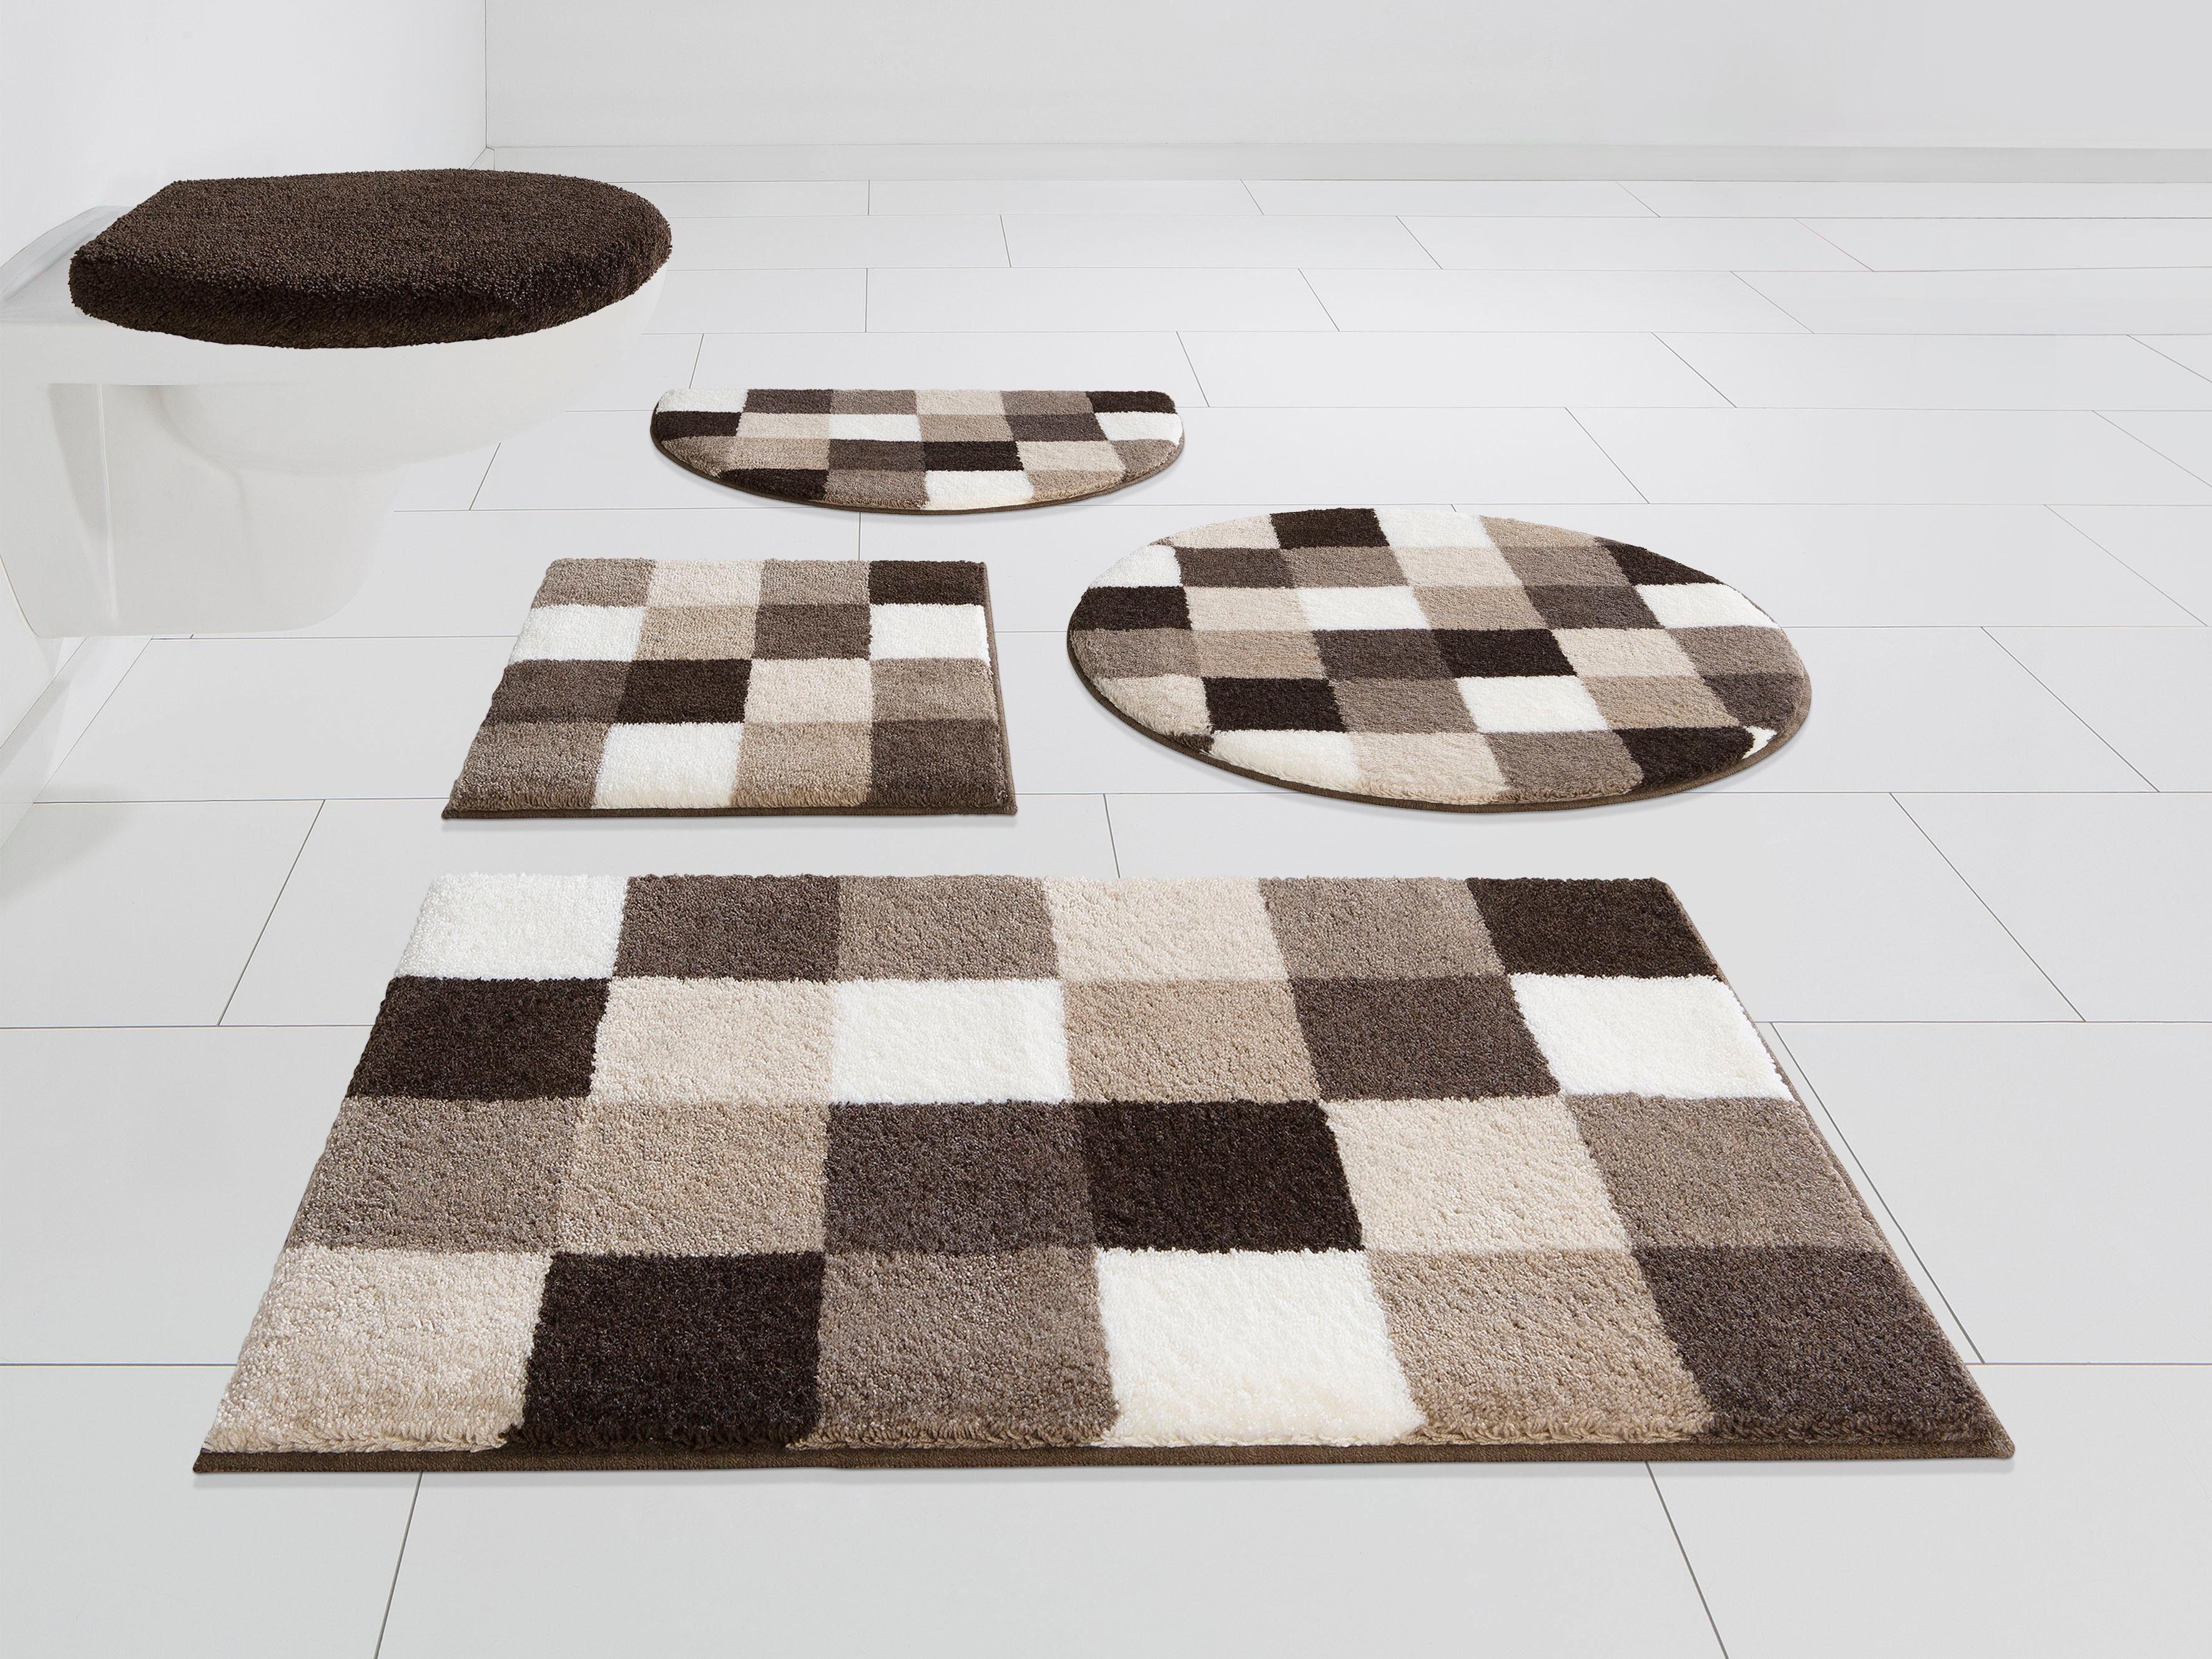 gartentische mosaik preisvergleich die besten angebote online kaufen. Black Bedroom Furniture Sets. Home Design Ideas